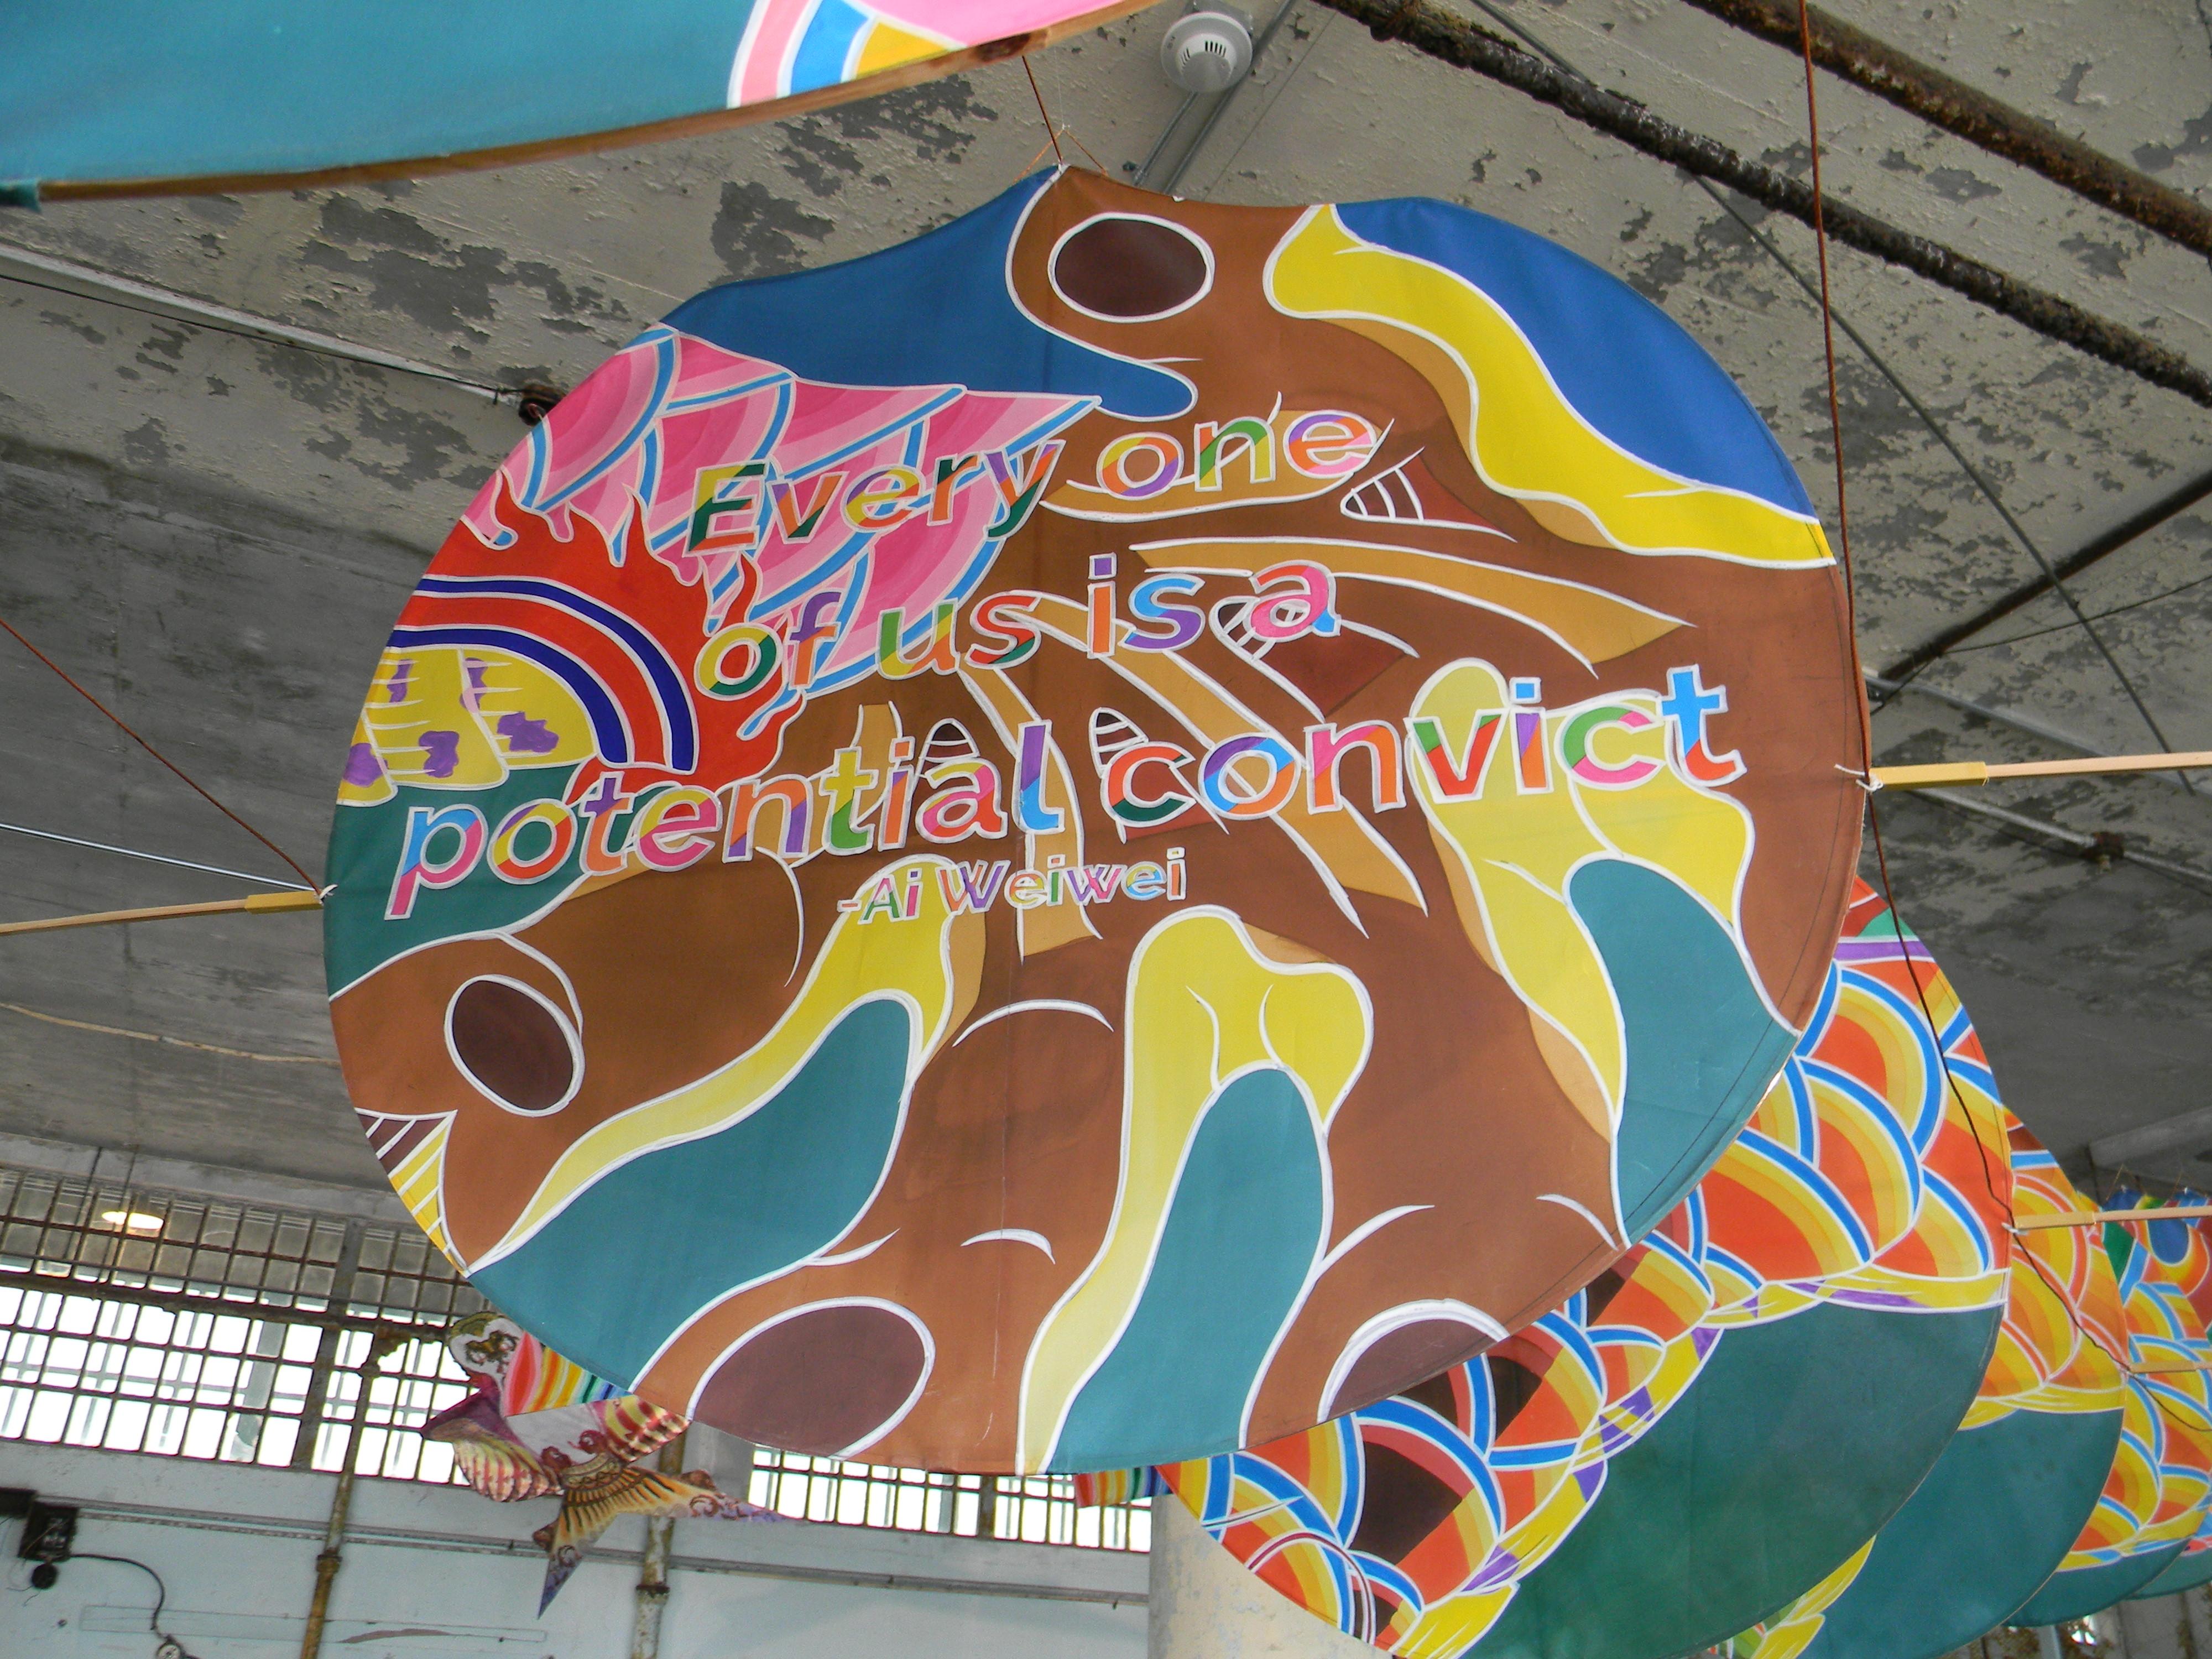 Ar art color quizlet - Ar Art Color Quizlet 13